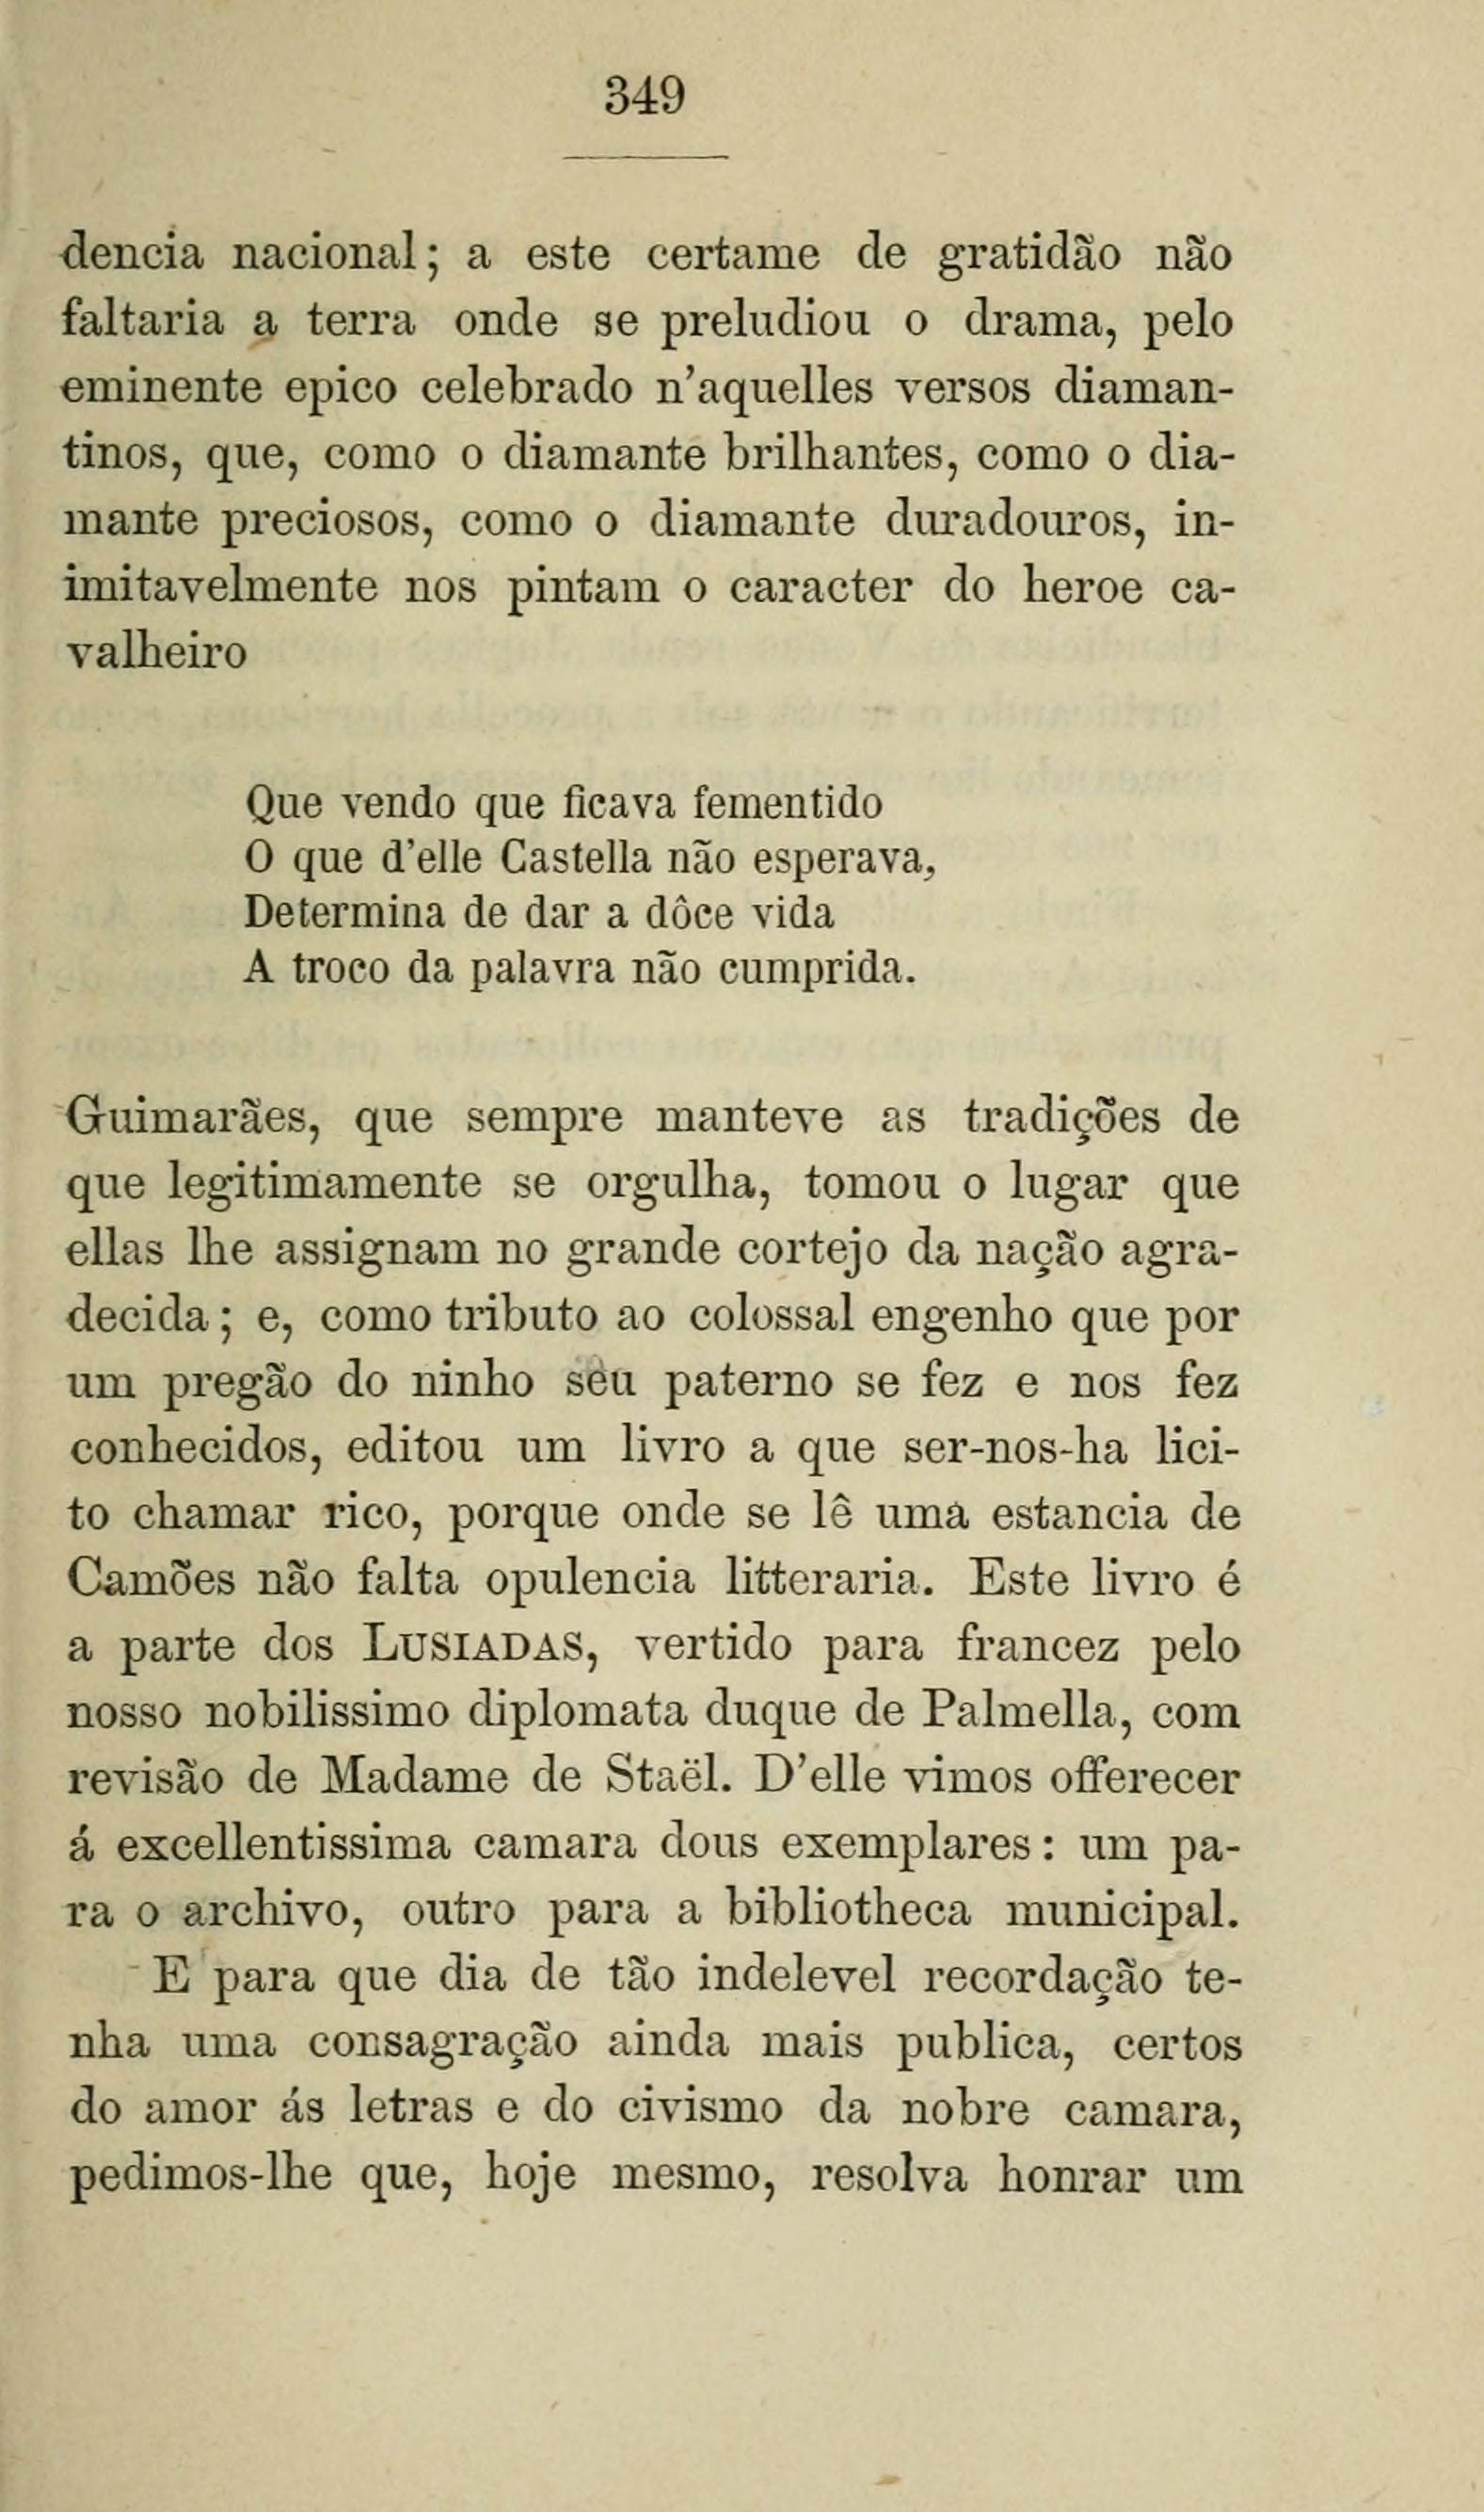 File:Guimarães - Apontamentos para a sua história - vol  I